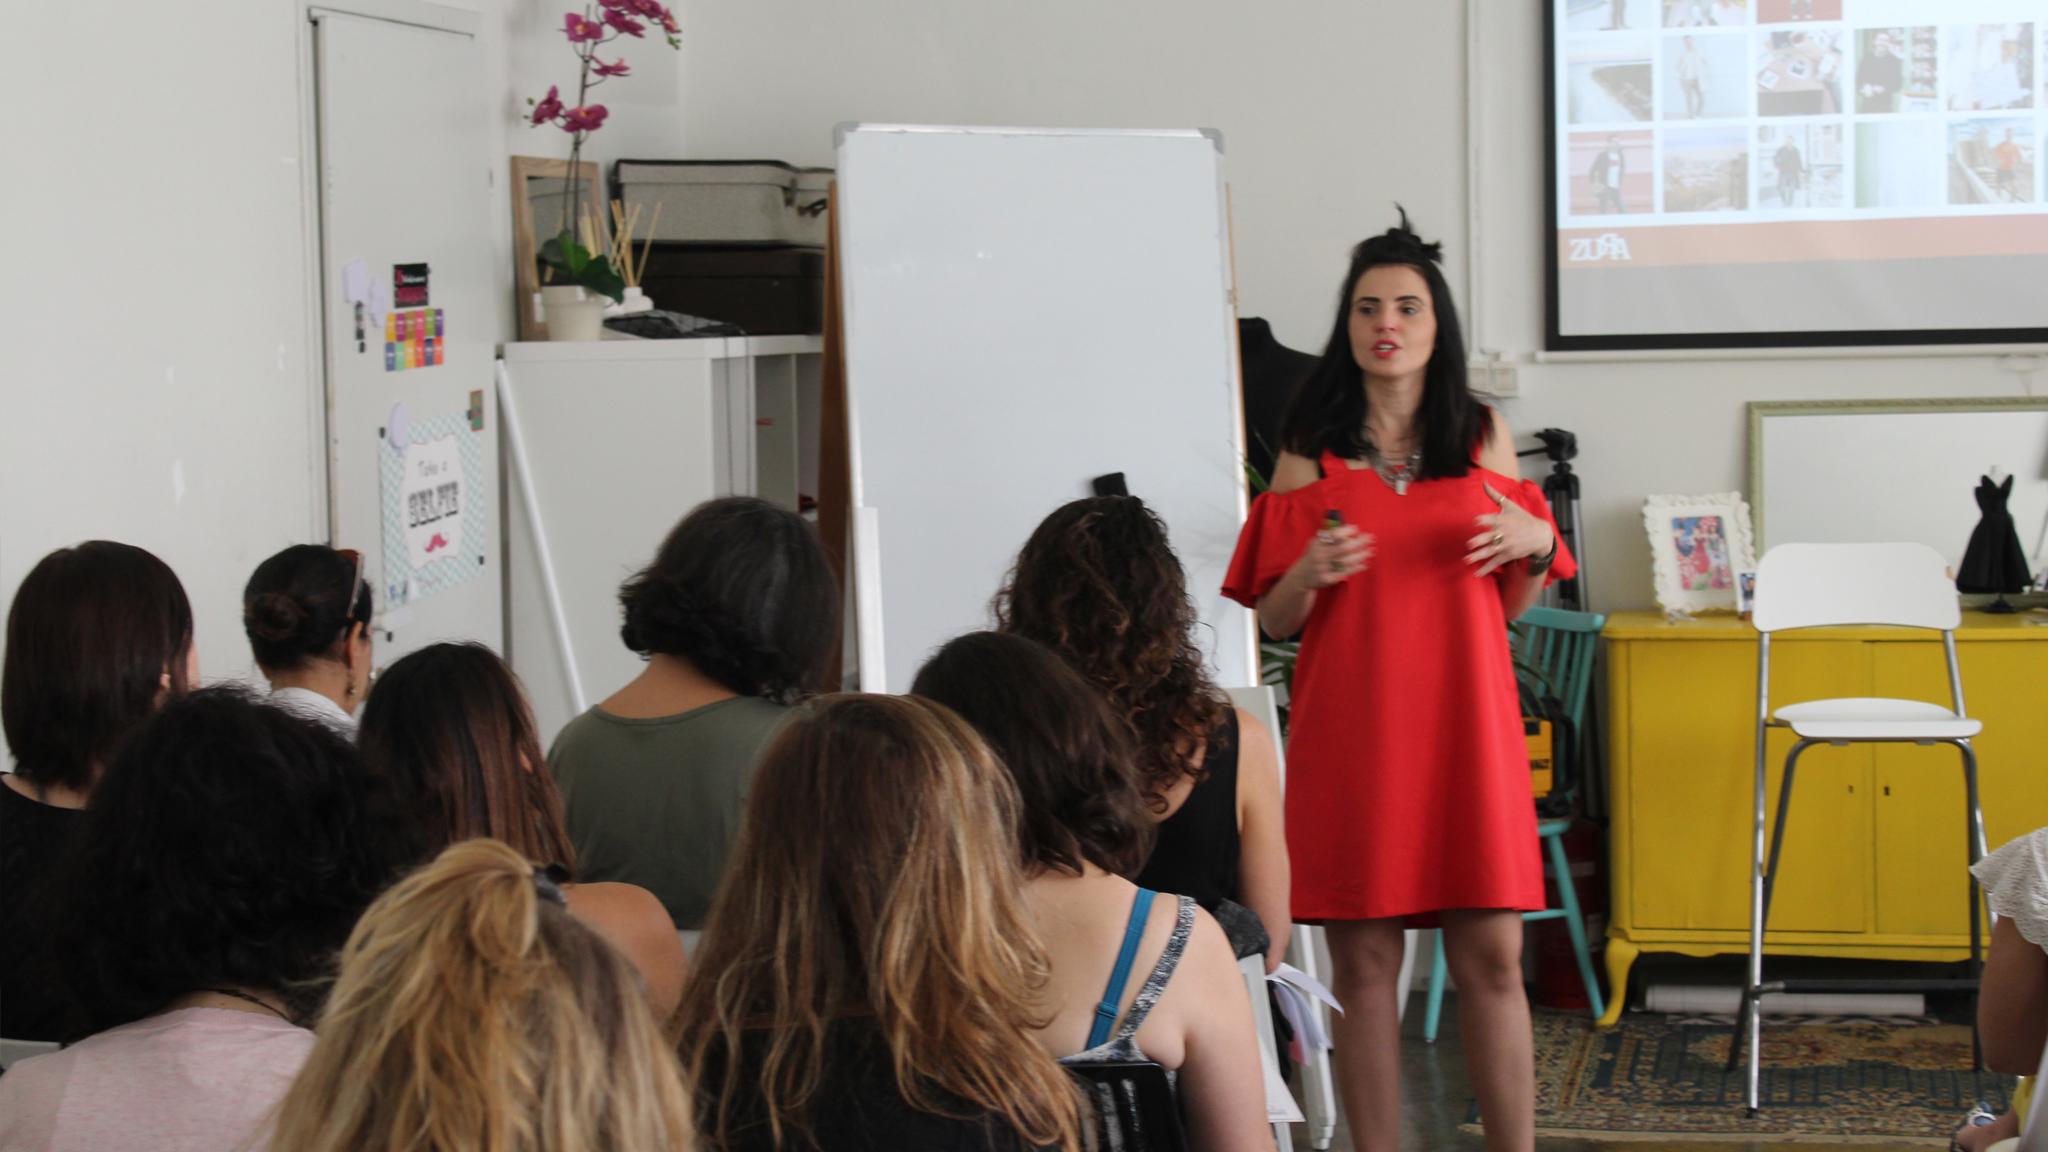 תמונההרצאה2